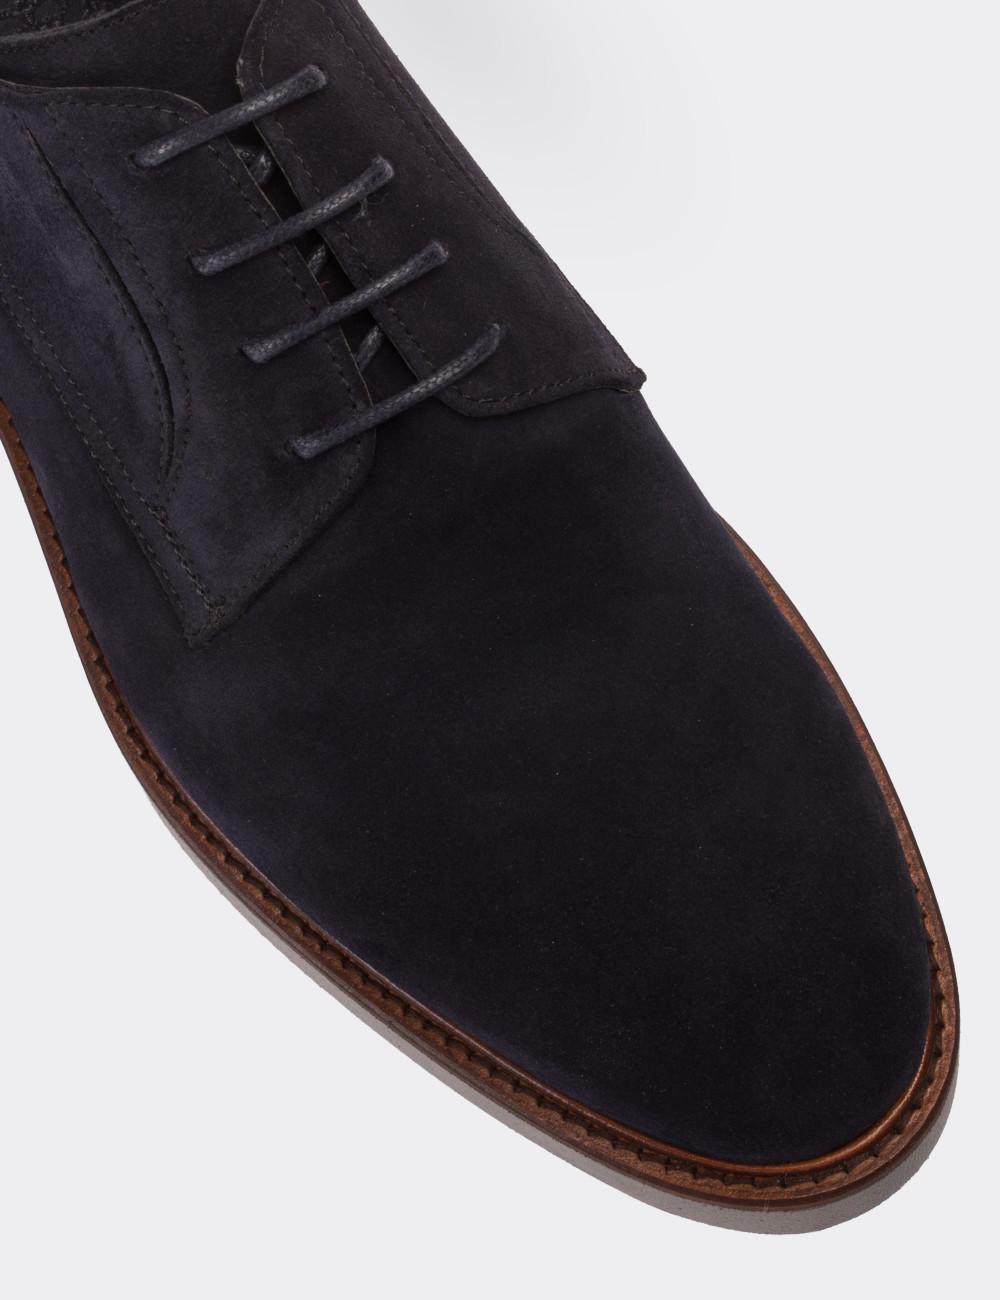 Hakiki Süet Lacivert Günlük Erkek Ayakkabı - 01294MLCVE09